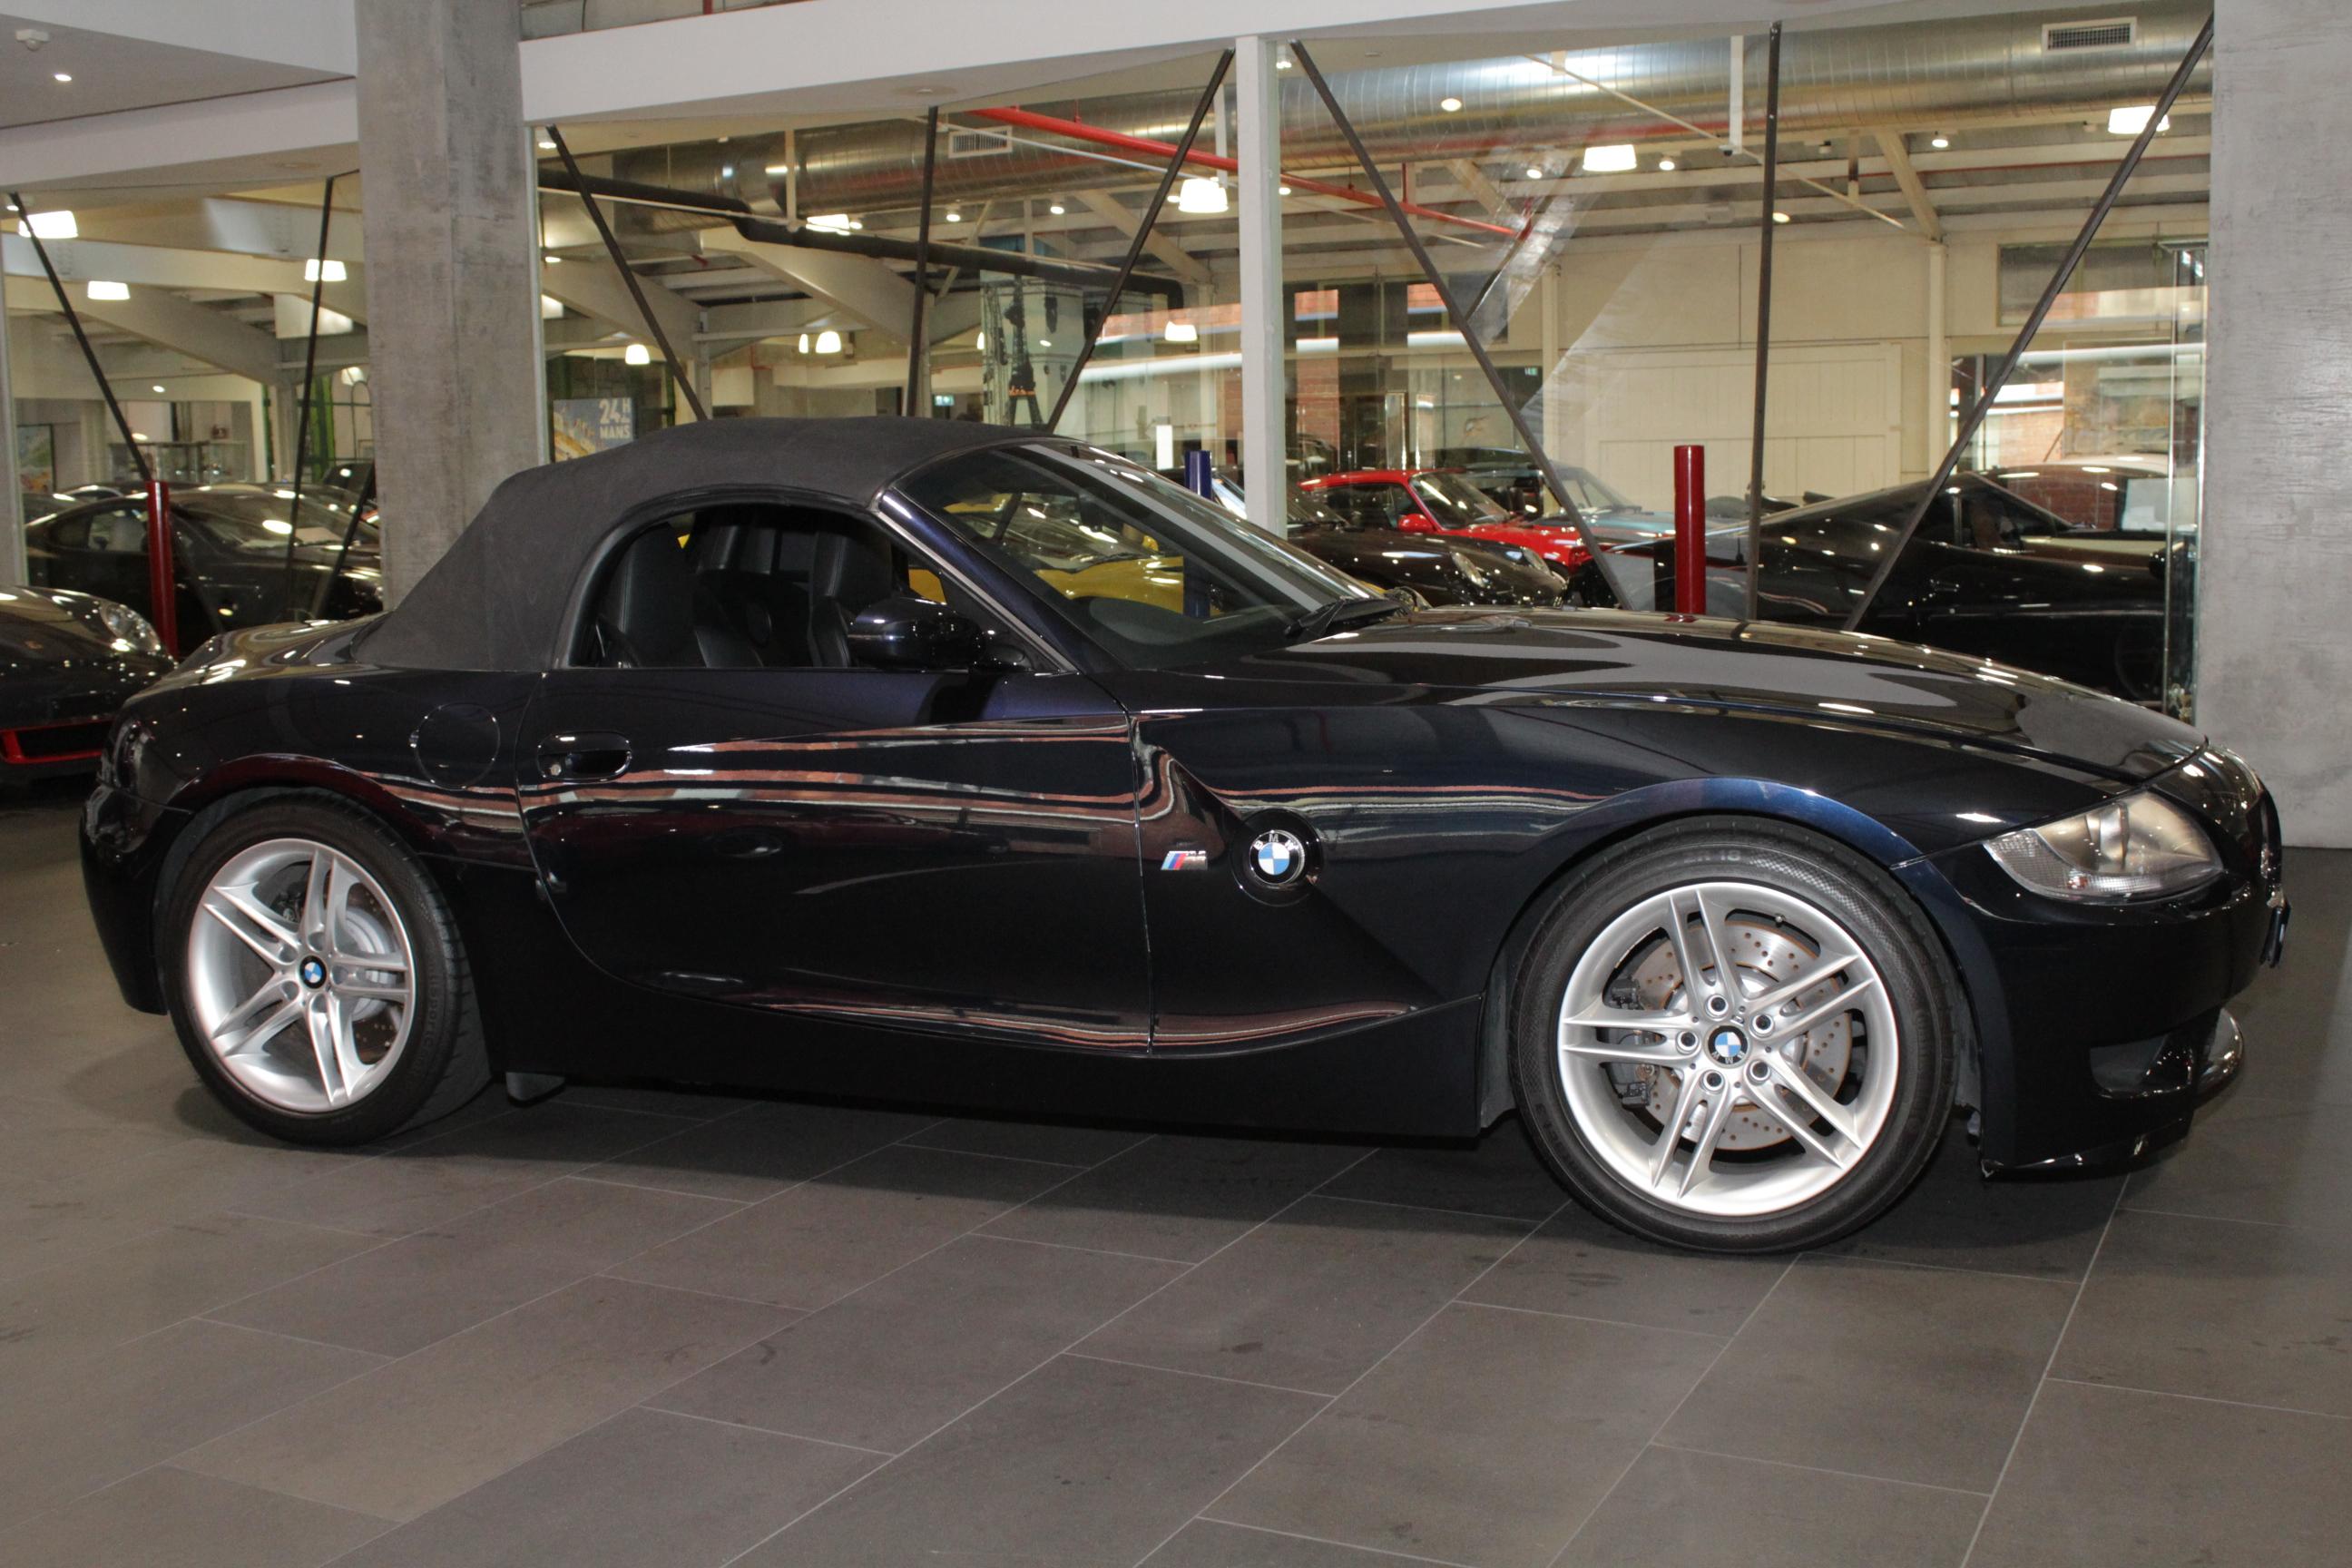 BMW Z4 Roadster >> 2006 BMW Z4 E85 M Roadster 2dr Man 6sp 3.2i [MY07]